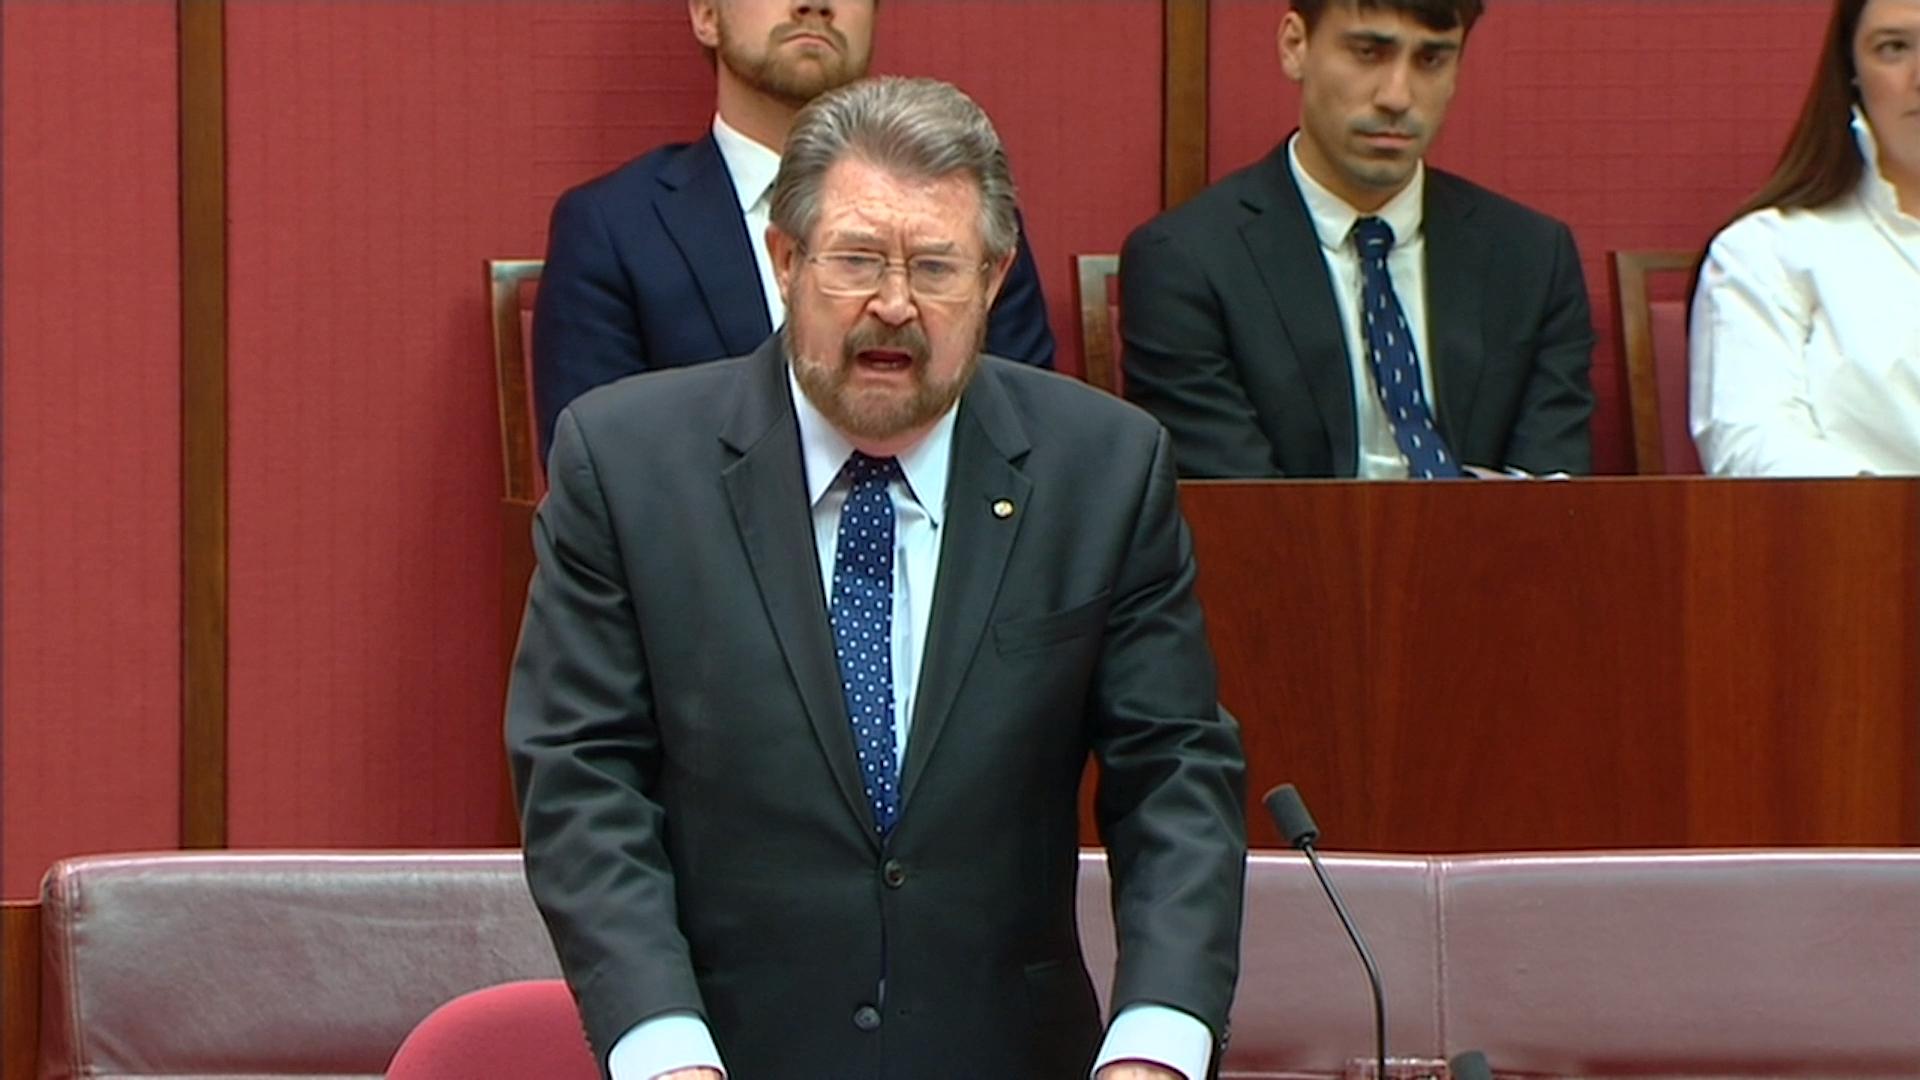 Medivac Bill: Derryn Hinch Medivac Bill Speech In Senate